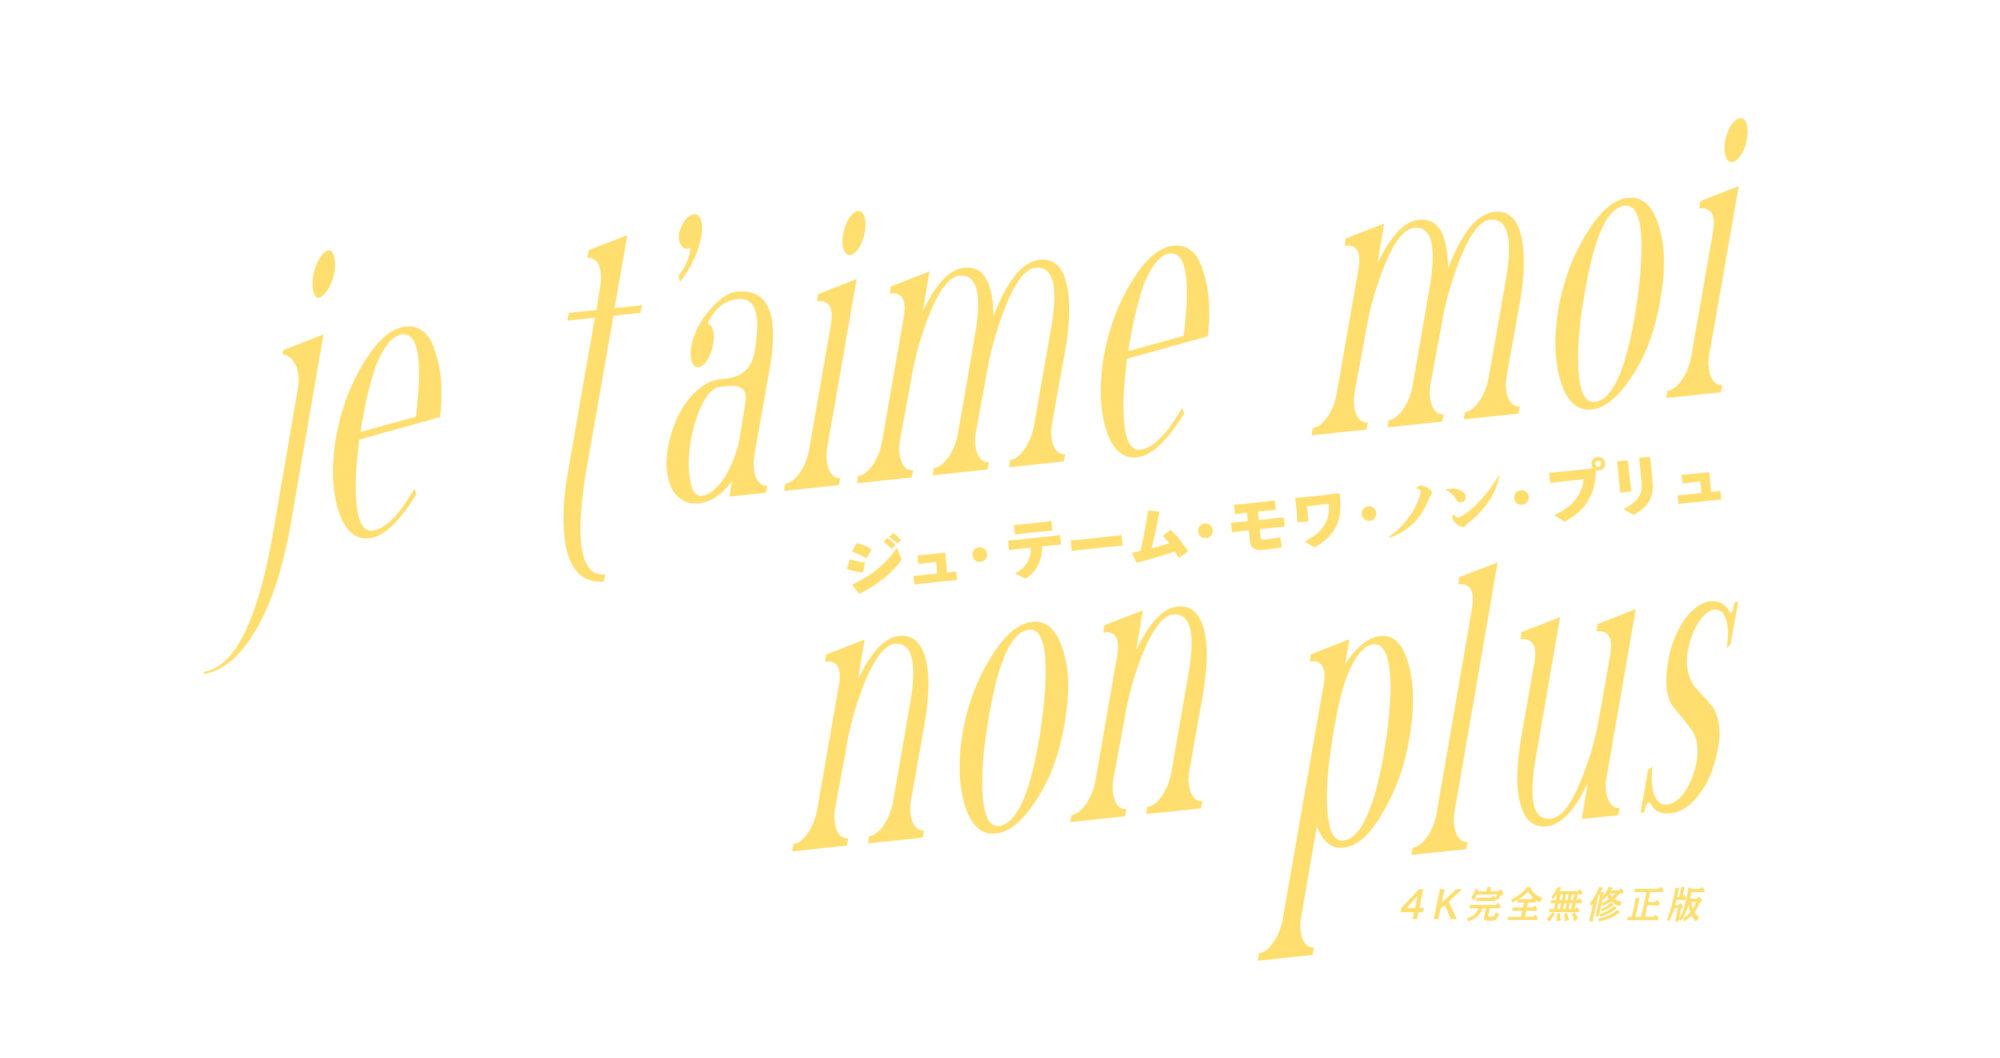 ジュ・テーム・モワ・ノン・プリュ 4K完全無修正版